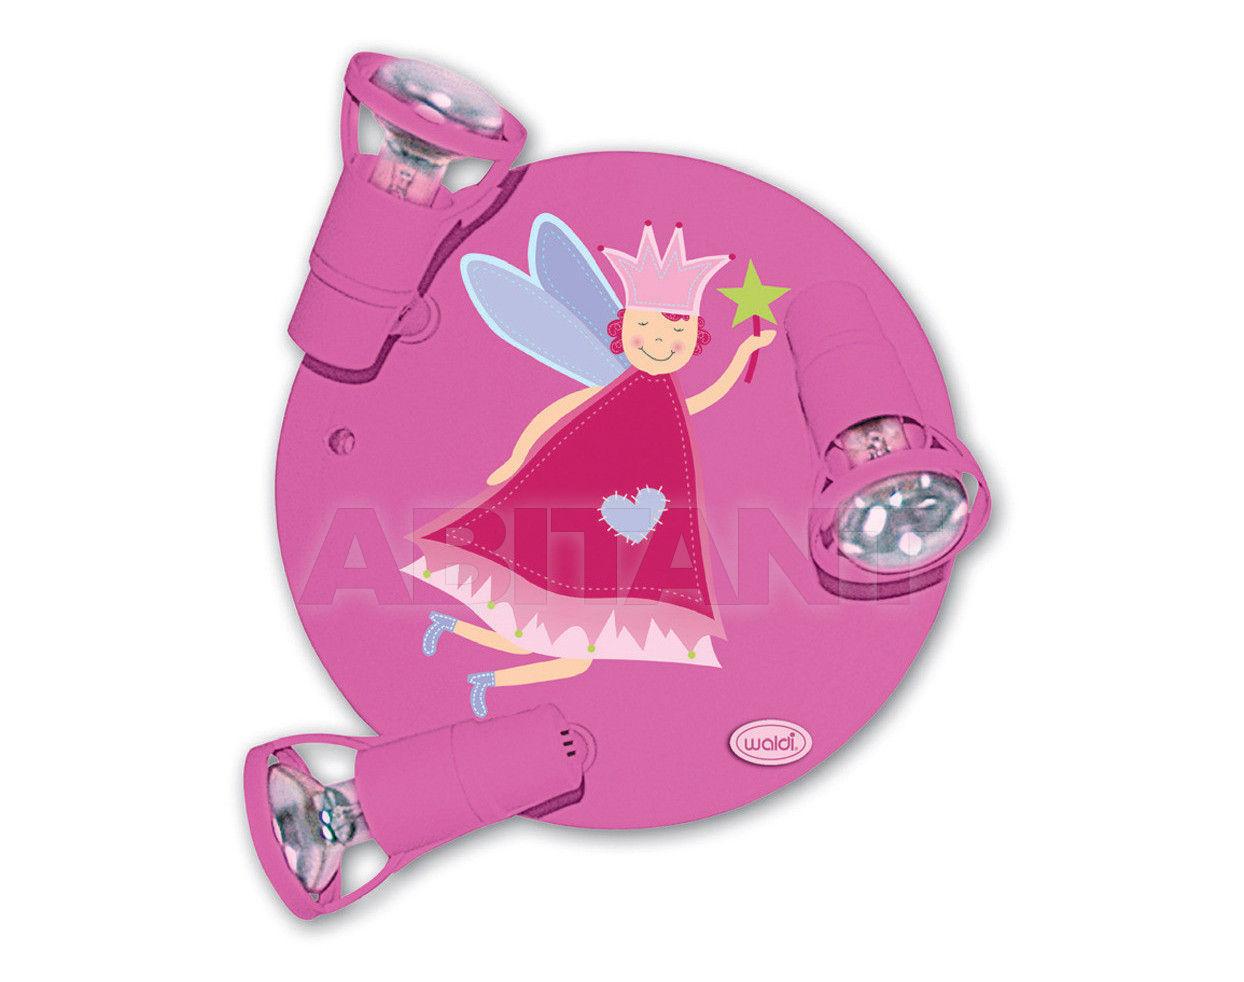 Купить Светильник для детской  Waldi Leuchten Lampen Fur Kinder 2012 65223.0